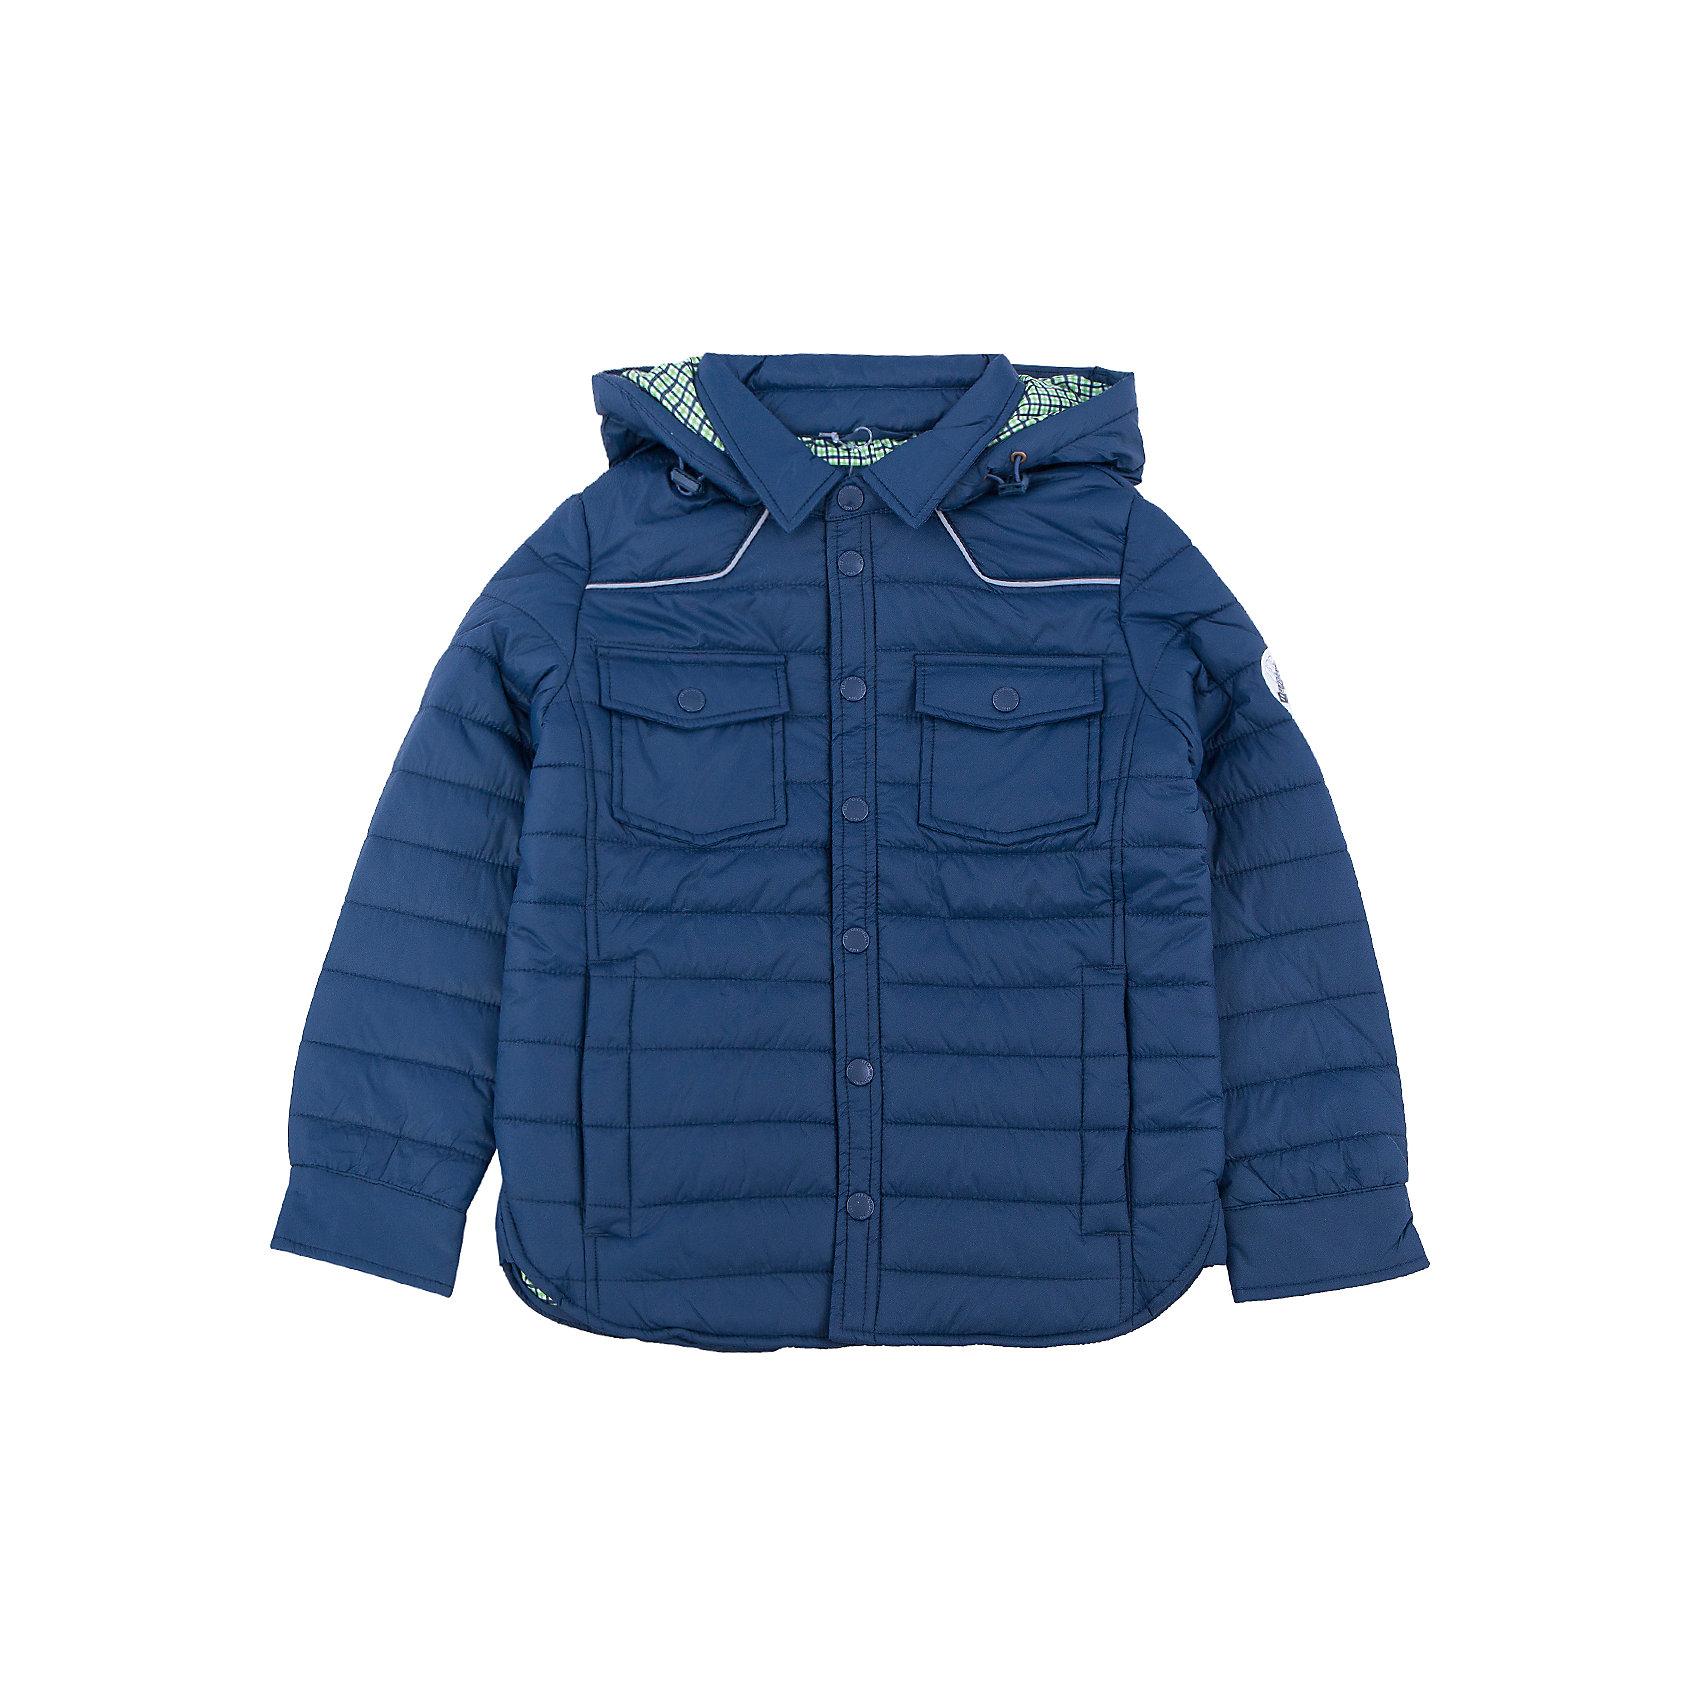 Куртка для мальчика SELAВерхняя одежда<br>Эта модная утепленная куртка - незаменимая вещь в прохладное время года. Эта модель отлично сидит на ребенке, она сшита из плотного материала, позволяет гулять и заниматься спортом на свежем воздухе. Подкладка и утеплитель обеспечивают ребенку комфорт. Модель дополнена капюшоном и карманами.<br>Одежда от бренда Sela (Села) - это качество по приемлемым ценам. Многие российские родители уже оценили преимущества продукции этой компании и всё чаще приобретают одежду и аксессуары Sela.<br><br>Дополнительная информация:<br><br>материал: 100% ПЭ;<br>капюшон;<br>карманы;<br>застежки - кнопки.<br><br>Куртку для мальчика от бренда Sela можно купить в нашем интернет-магазине.<br><br>Ширина мм: 356<br>Глубина мм: 10<br>Высота мм: 245<br>Вес г: 519<br>Цвет: синий<br>Возраст от месяцев: 132<br>Возраст до месяцев: 144<br>Пол: Мужской<br>Возраст: Детский<br>Размер: 152,116,128,140<br>SKU: 4919557